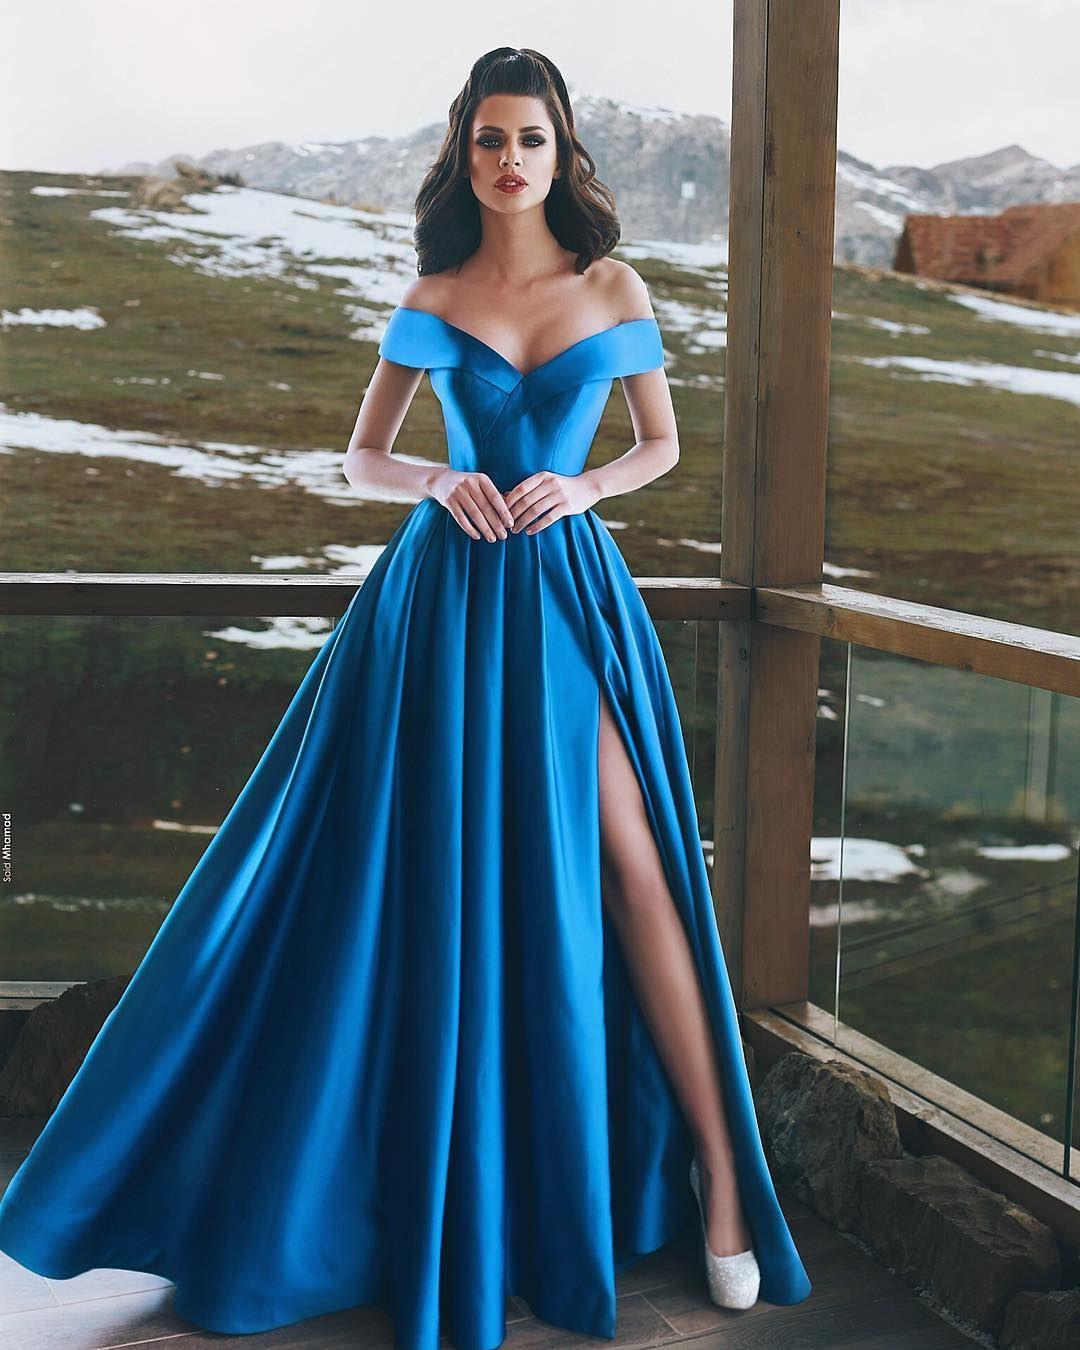 15 Fantastisch Abend Kleider Lang Blau Galerie17 Schön Abend Kleider Lang Blau für 2019